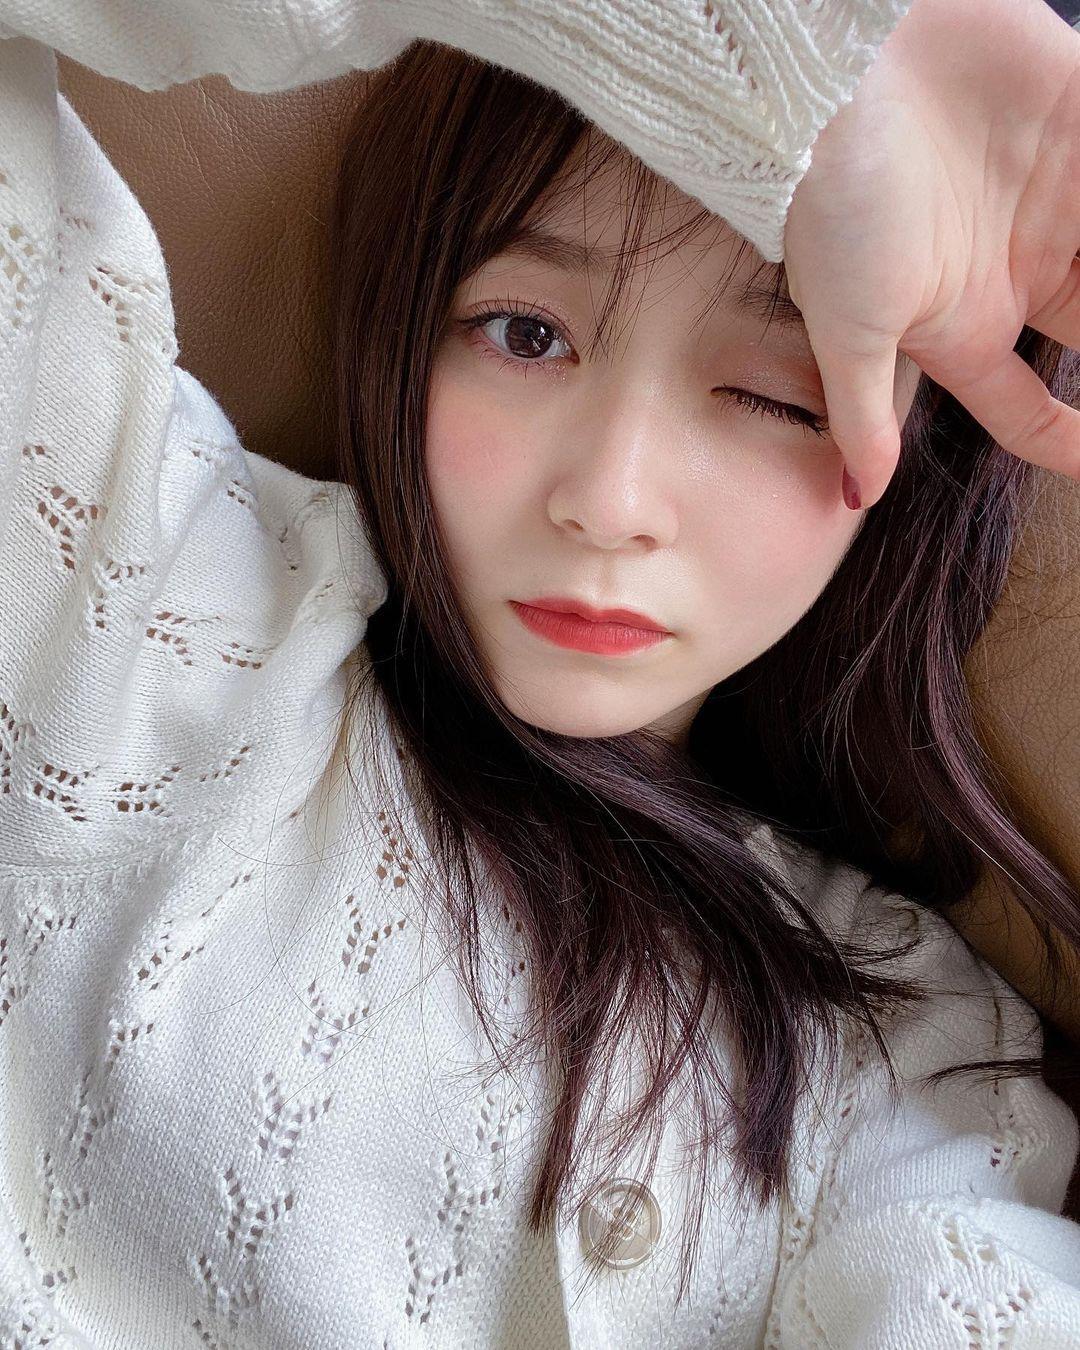 新垣结衣小师妹久间田琳加清甜笑容超治愈 迷人双眸更是女友感爆棚 网络美女 第5张